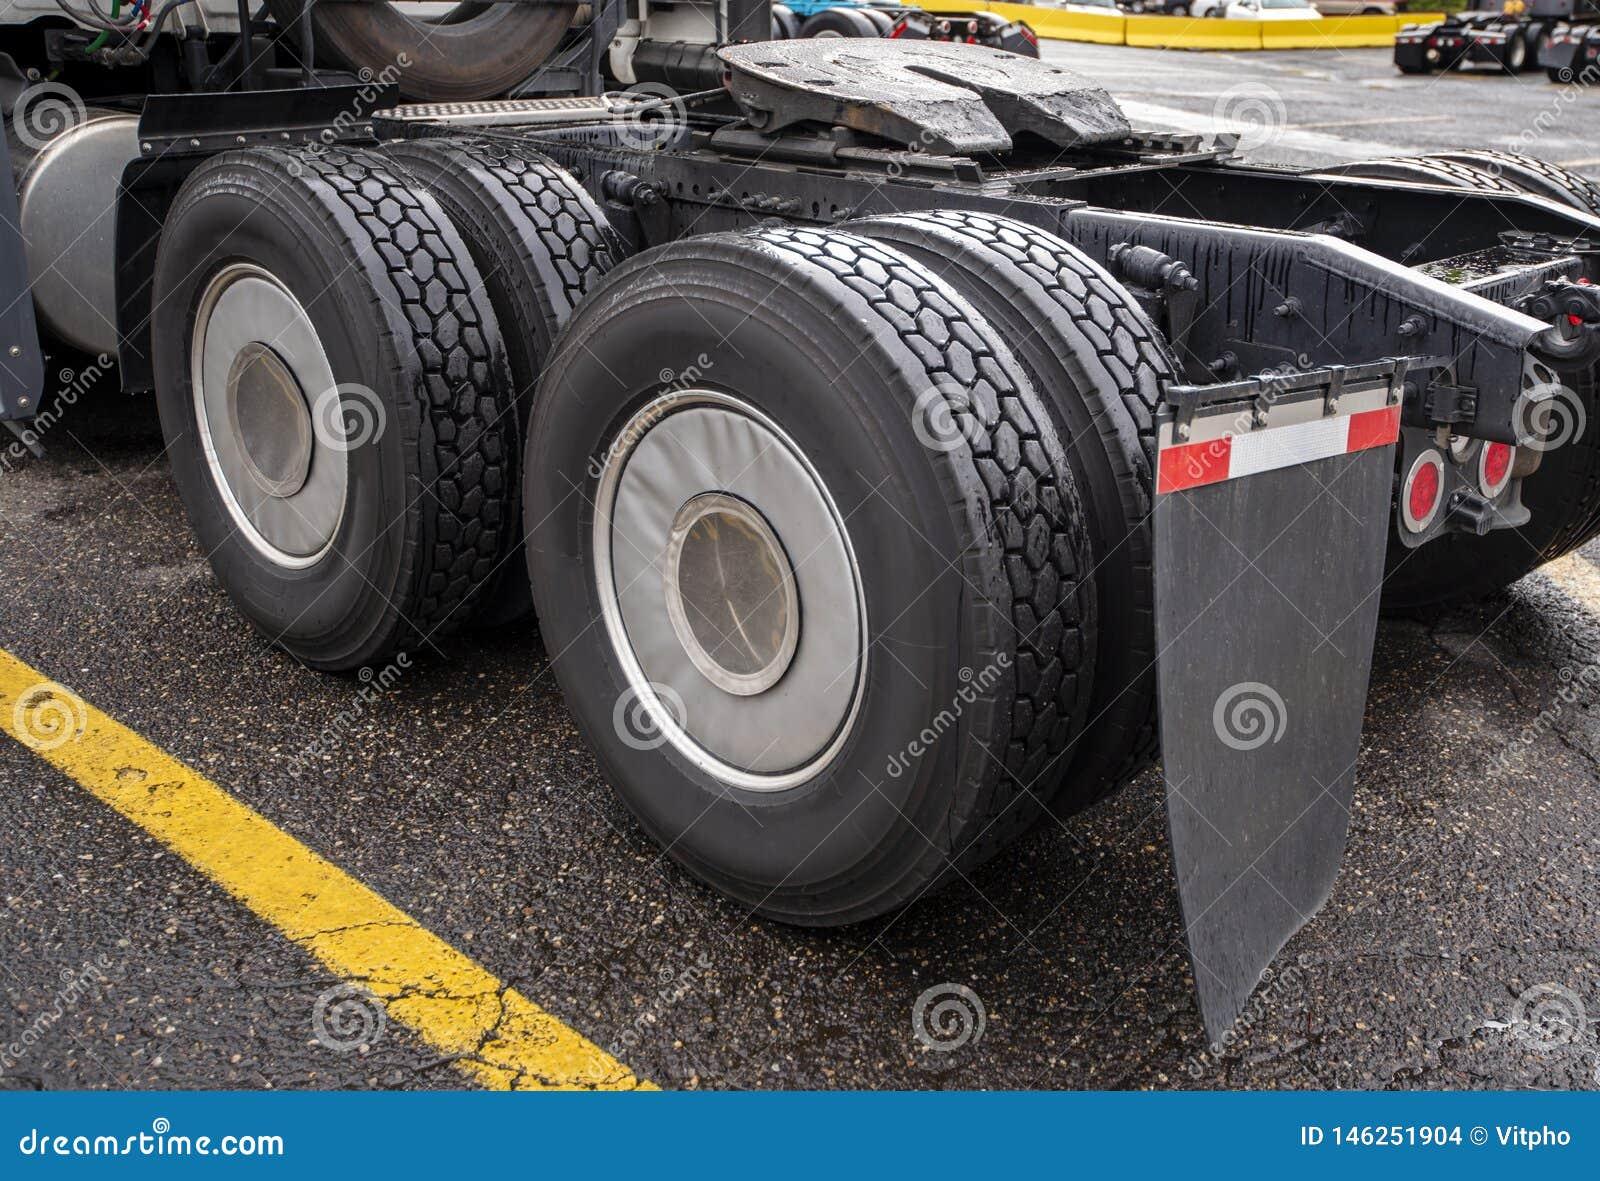 Wheelbase του μεγάλου ημι φορτηγού εγκαταστάσεων γεώτρησης με δύο άξονες και ζευγάρια των ροδών σε τους και της πέμπτης ρόδας για